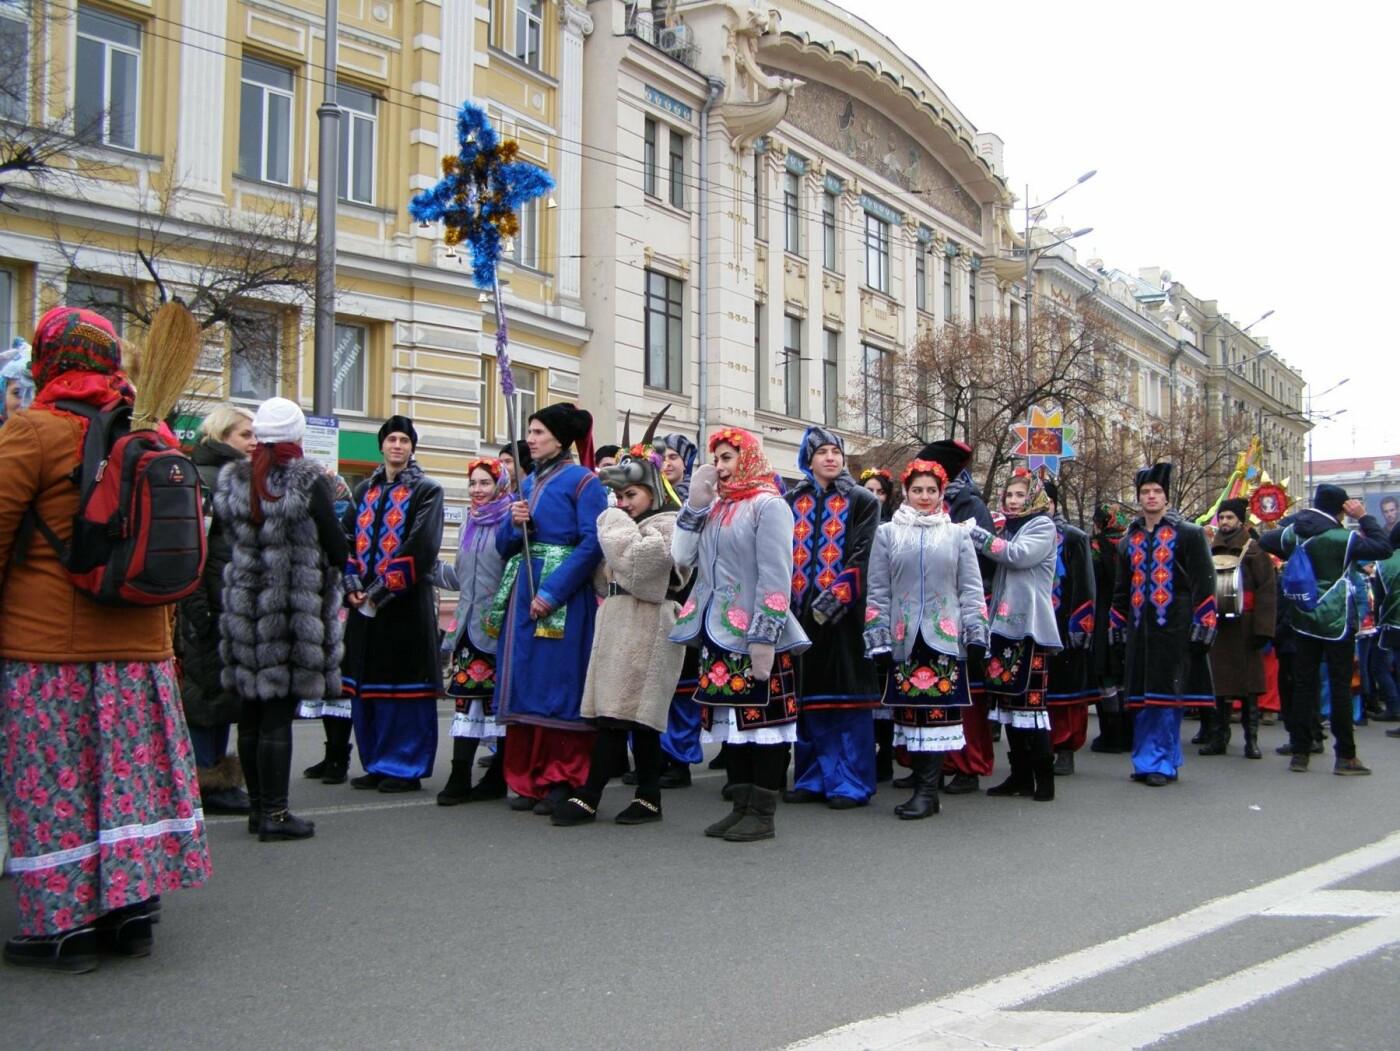 Харьков заполонили ангелы, козы и черти: в городе прошел масштабный фестиваль вертепов (ФОТО), фото-4